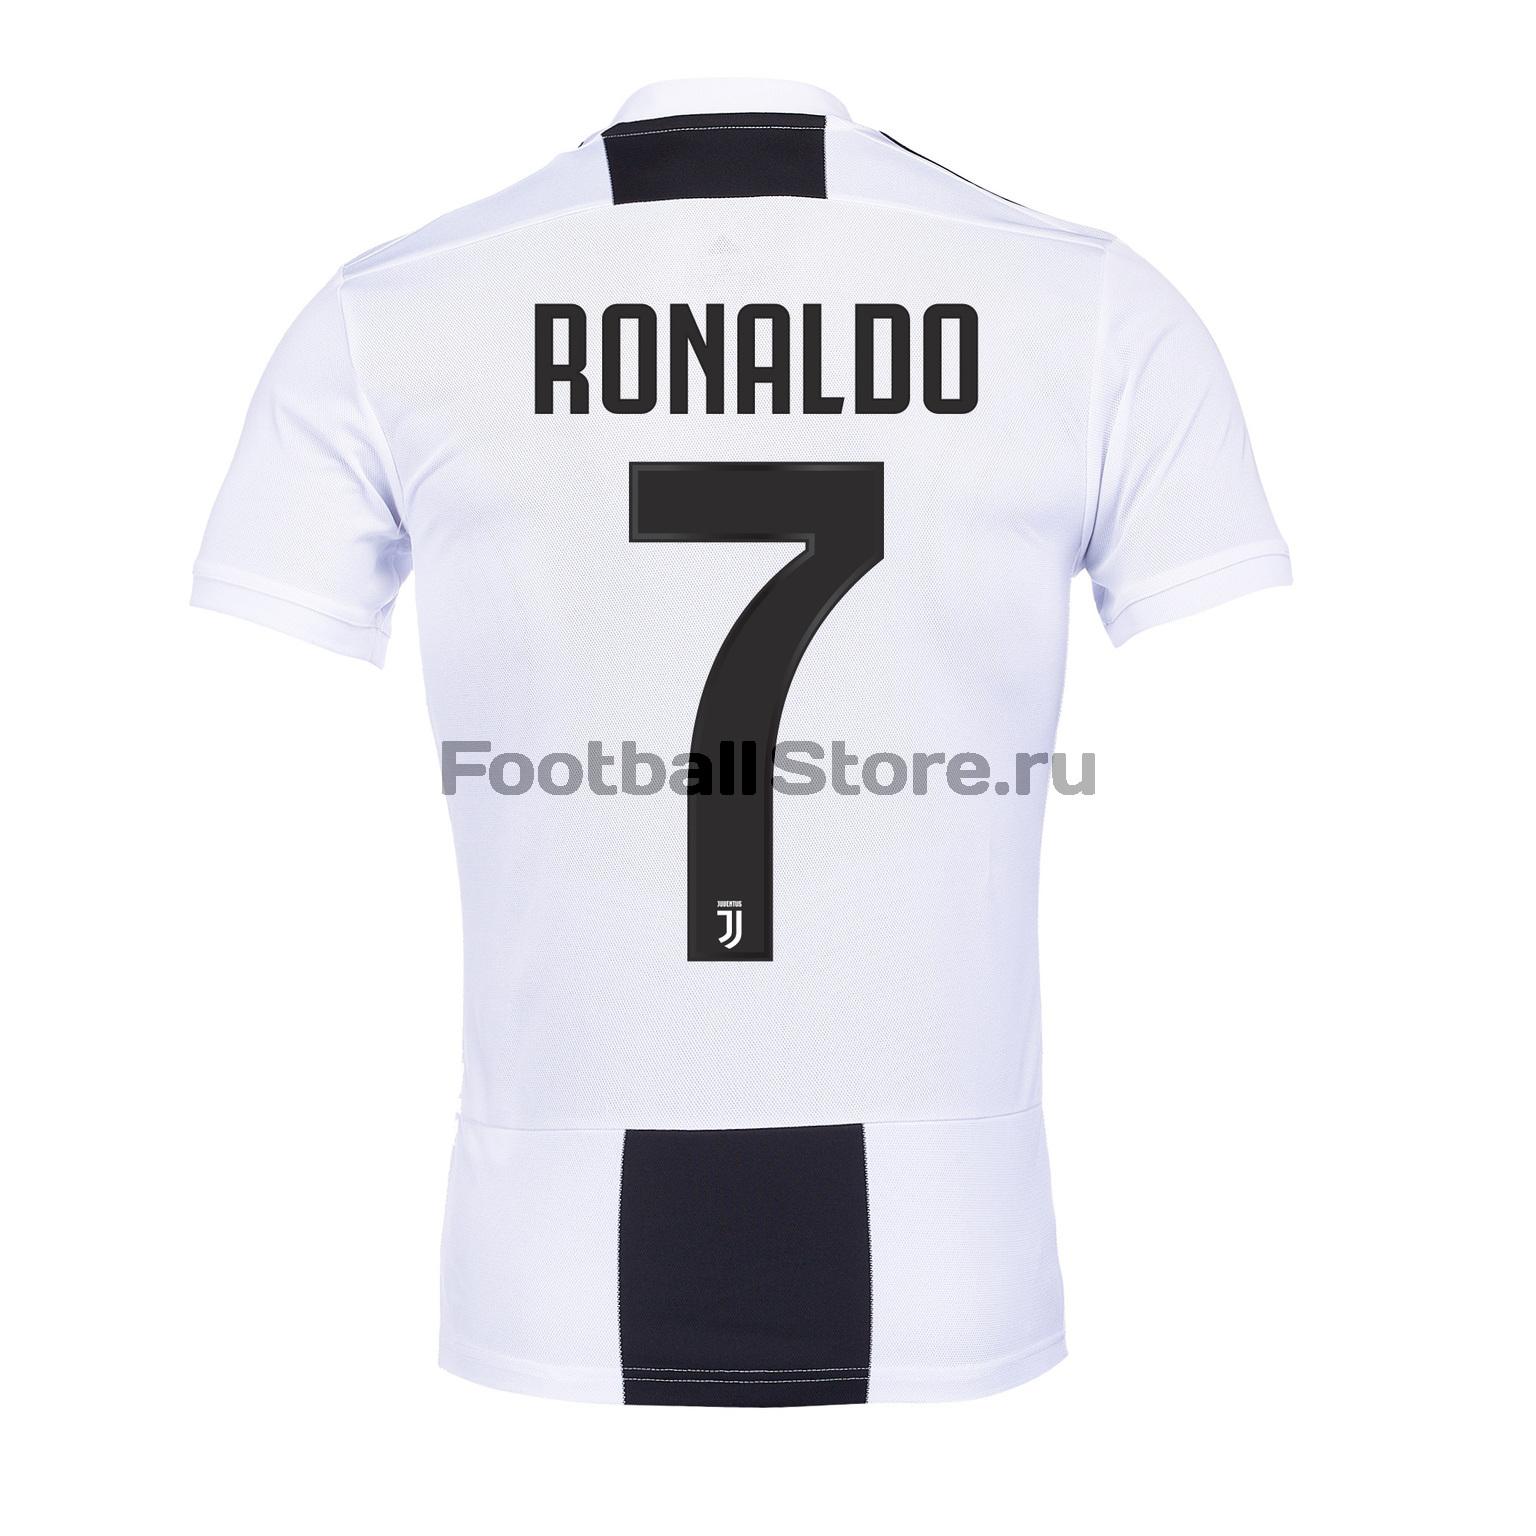 Футболка домашняя Adidas Juventus (Ювентус) Роналду рюкзак adidas juventus 2018 19